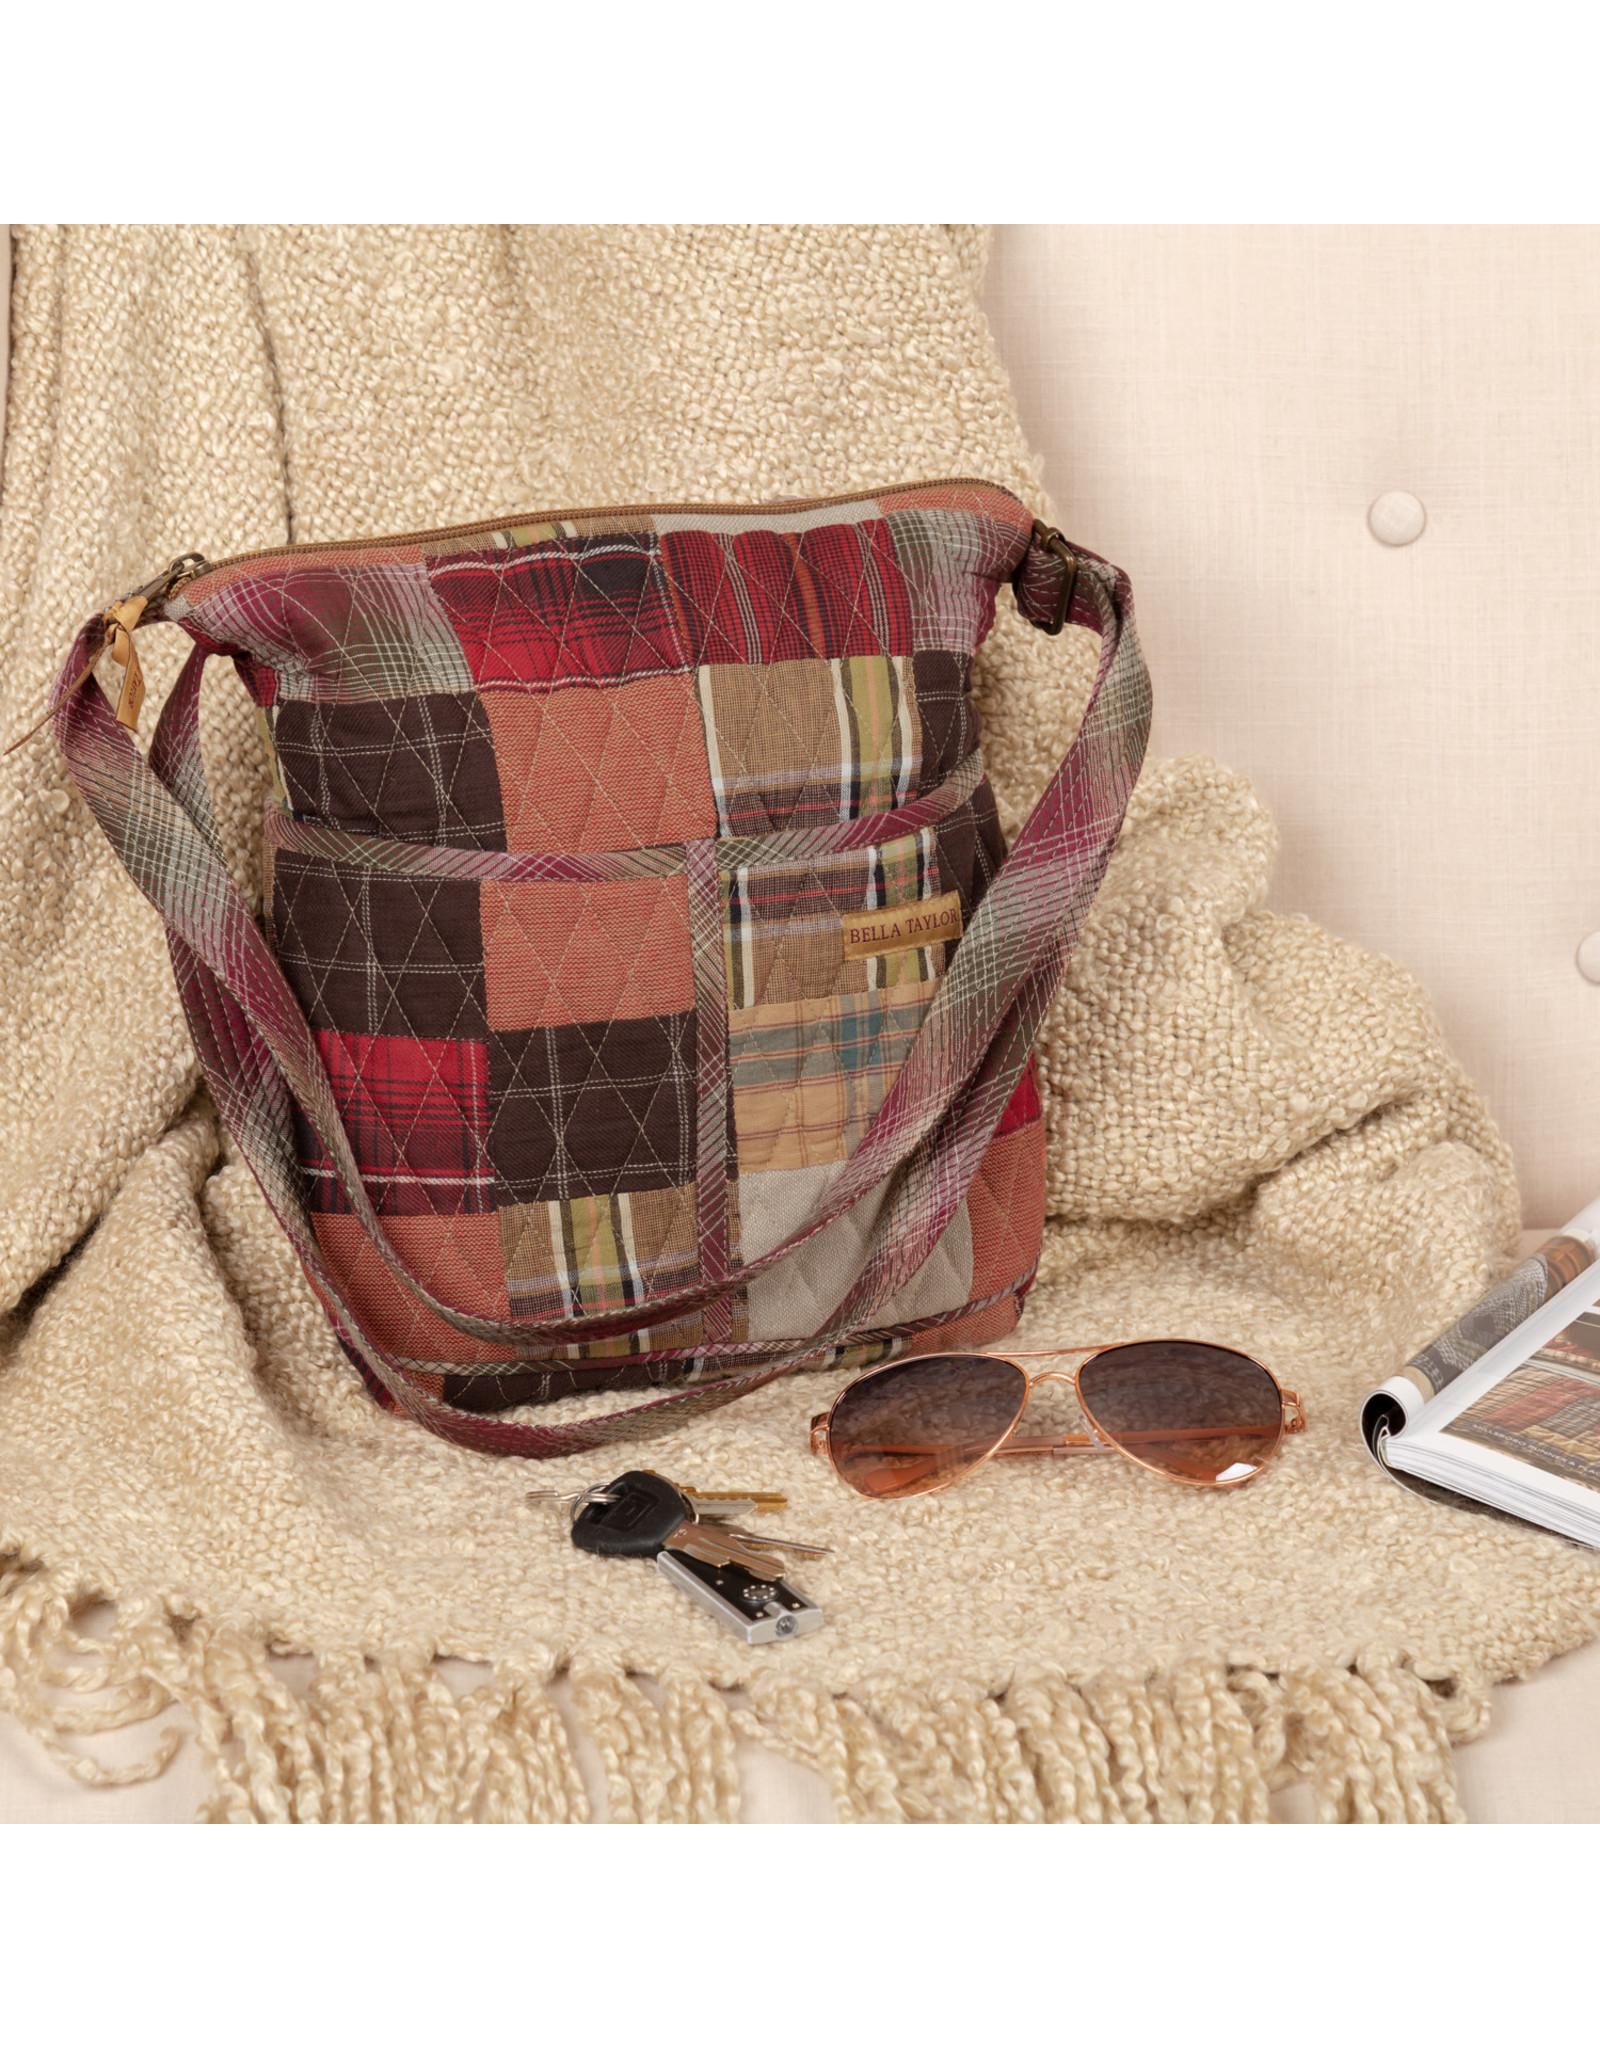 Bella Taylor Wyatt - Hipster handbag